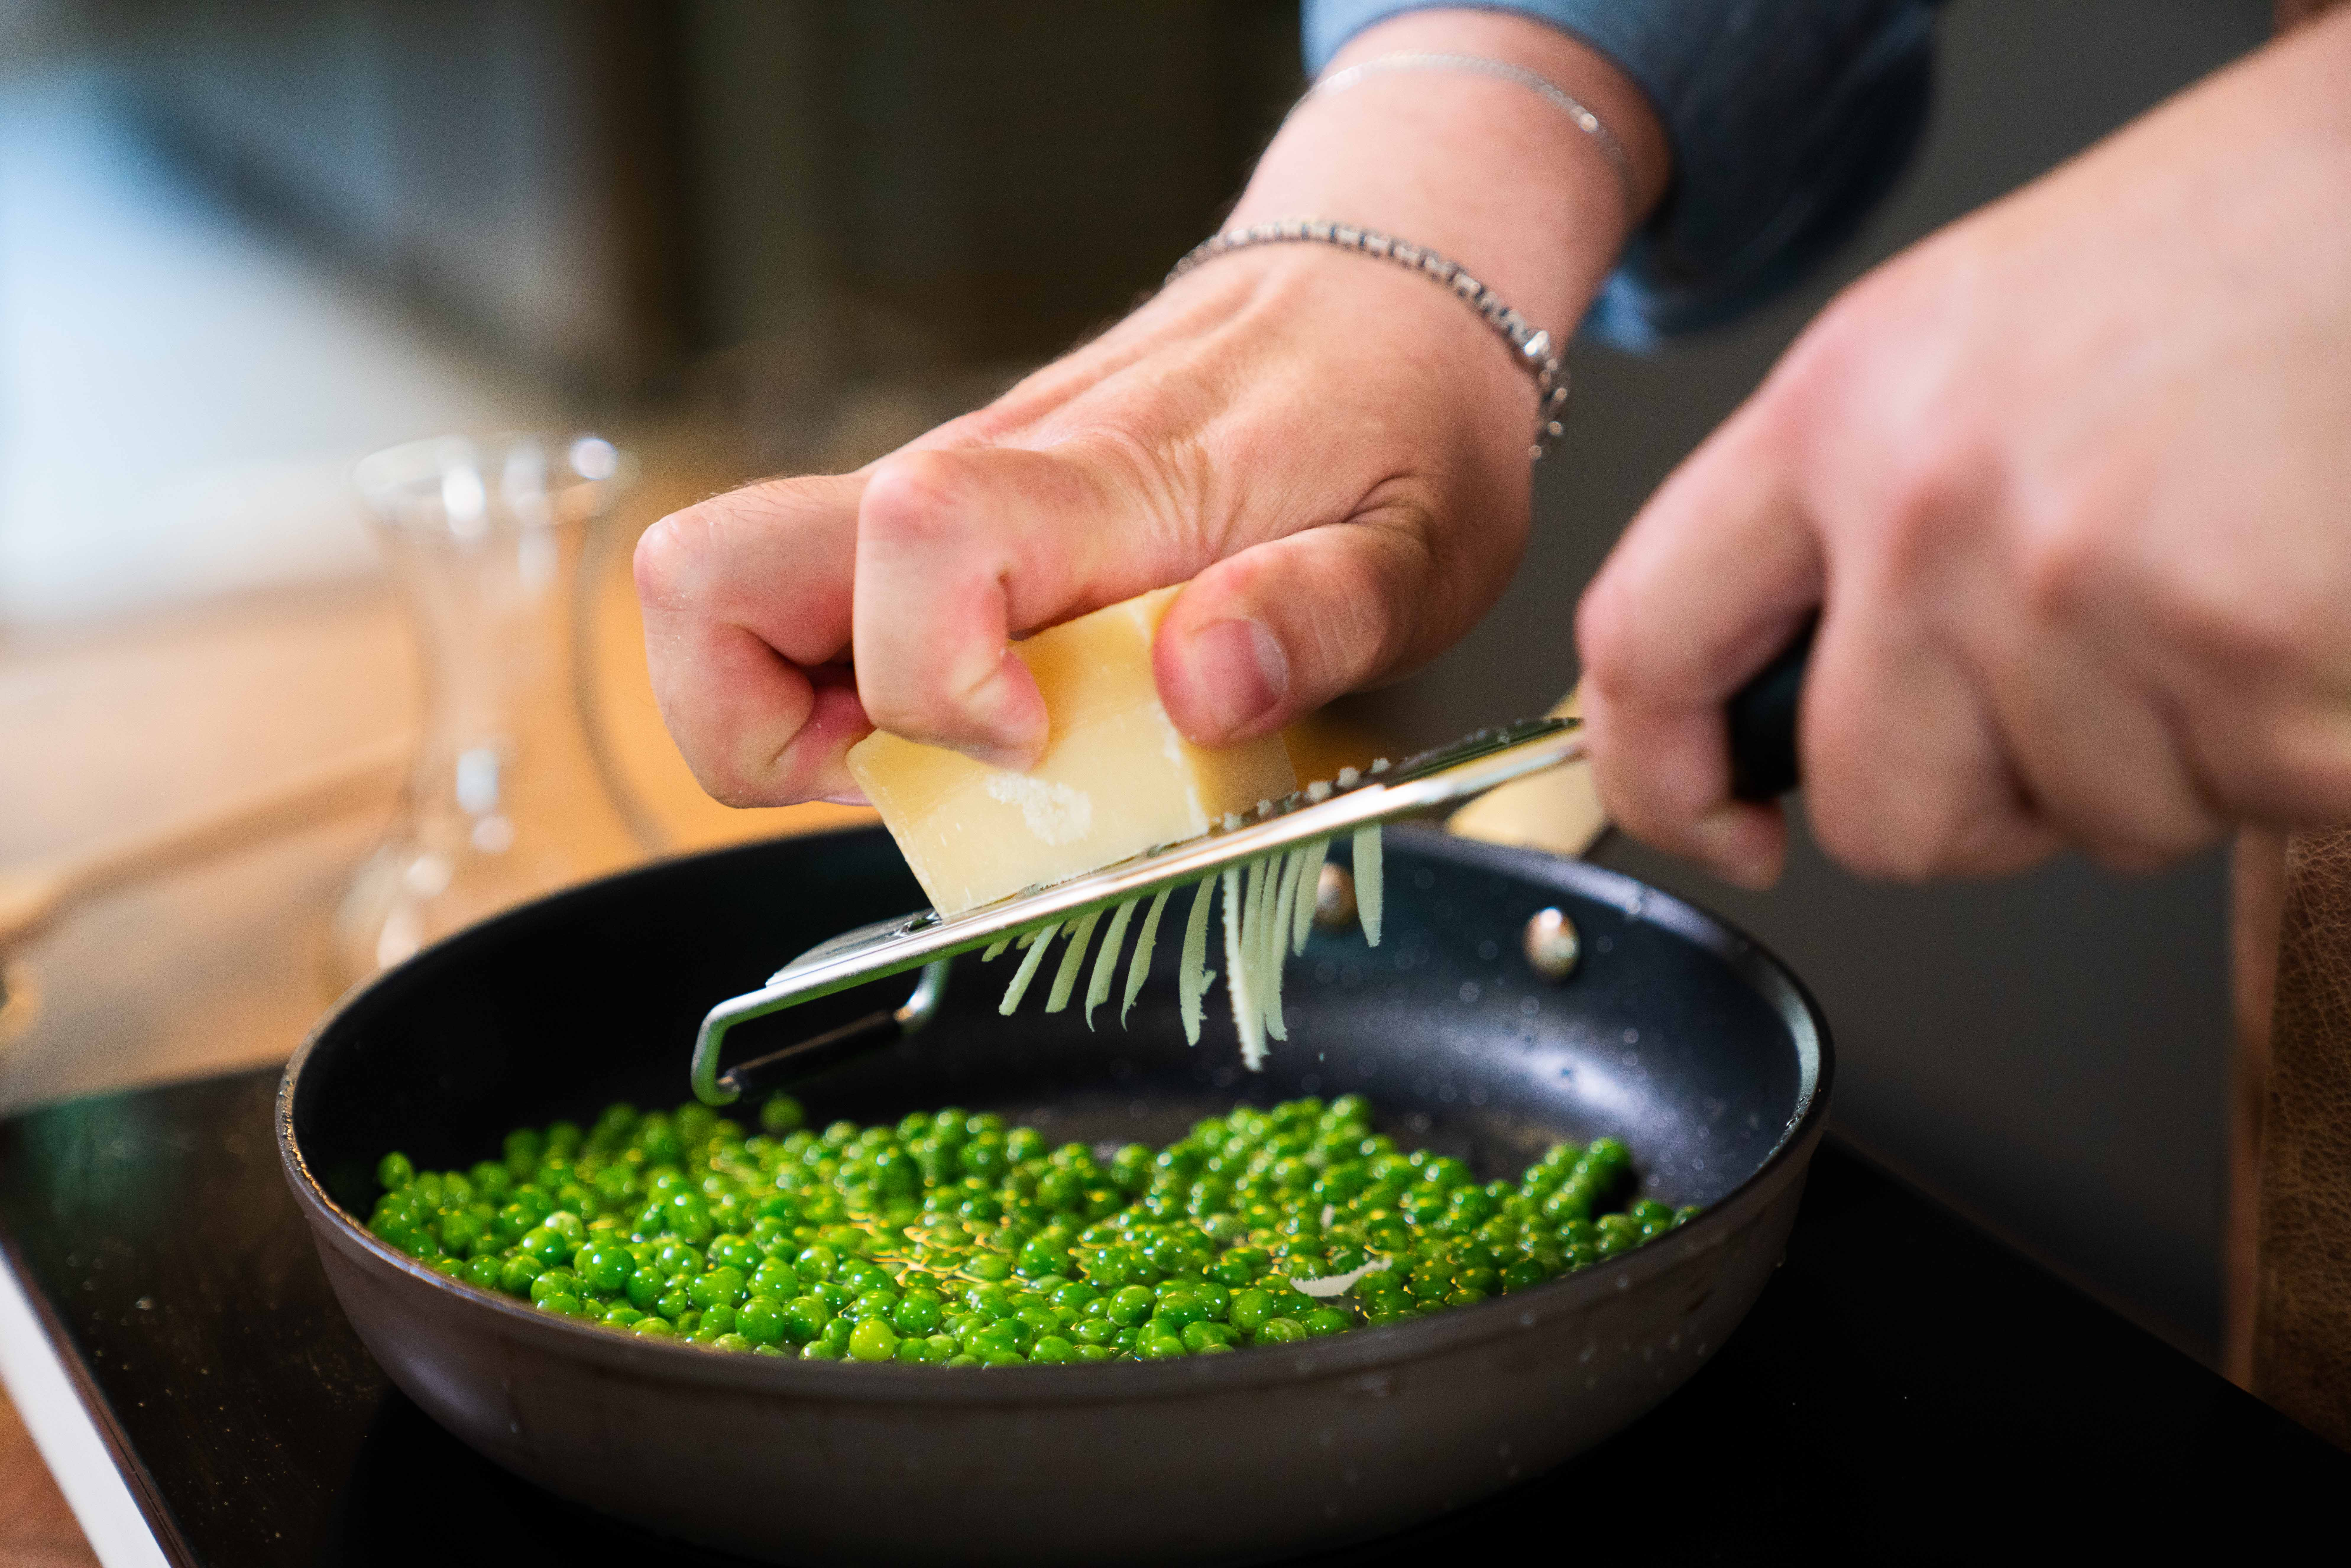 Erter passer utmerket med parmesan! 📸Findus